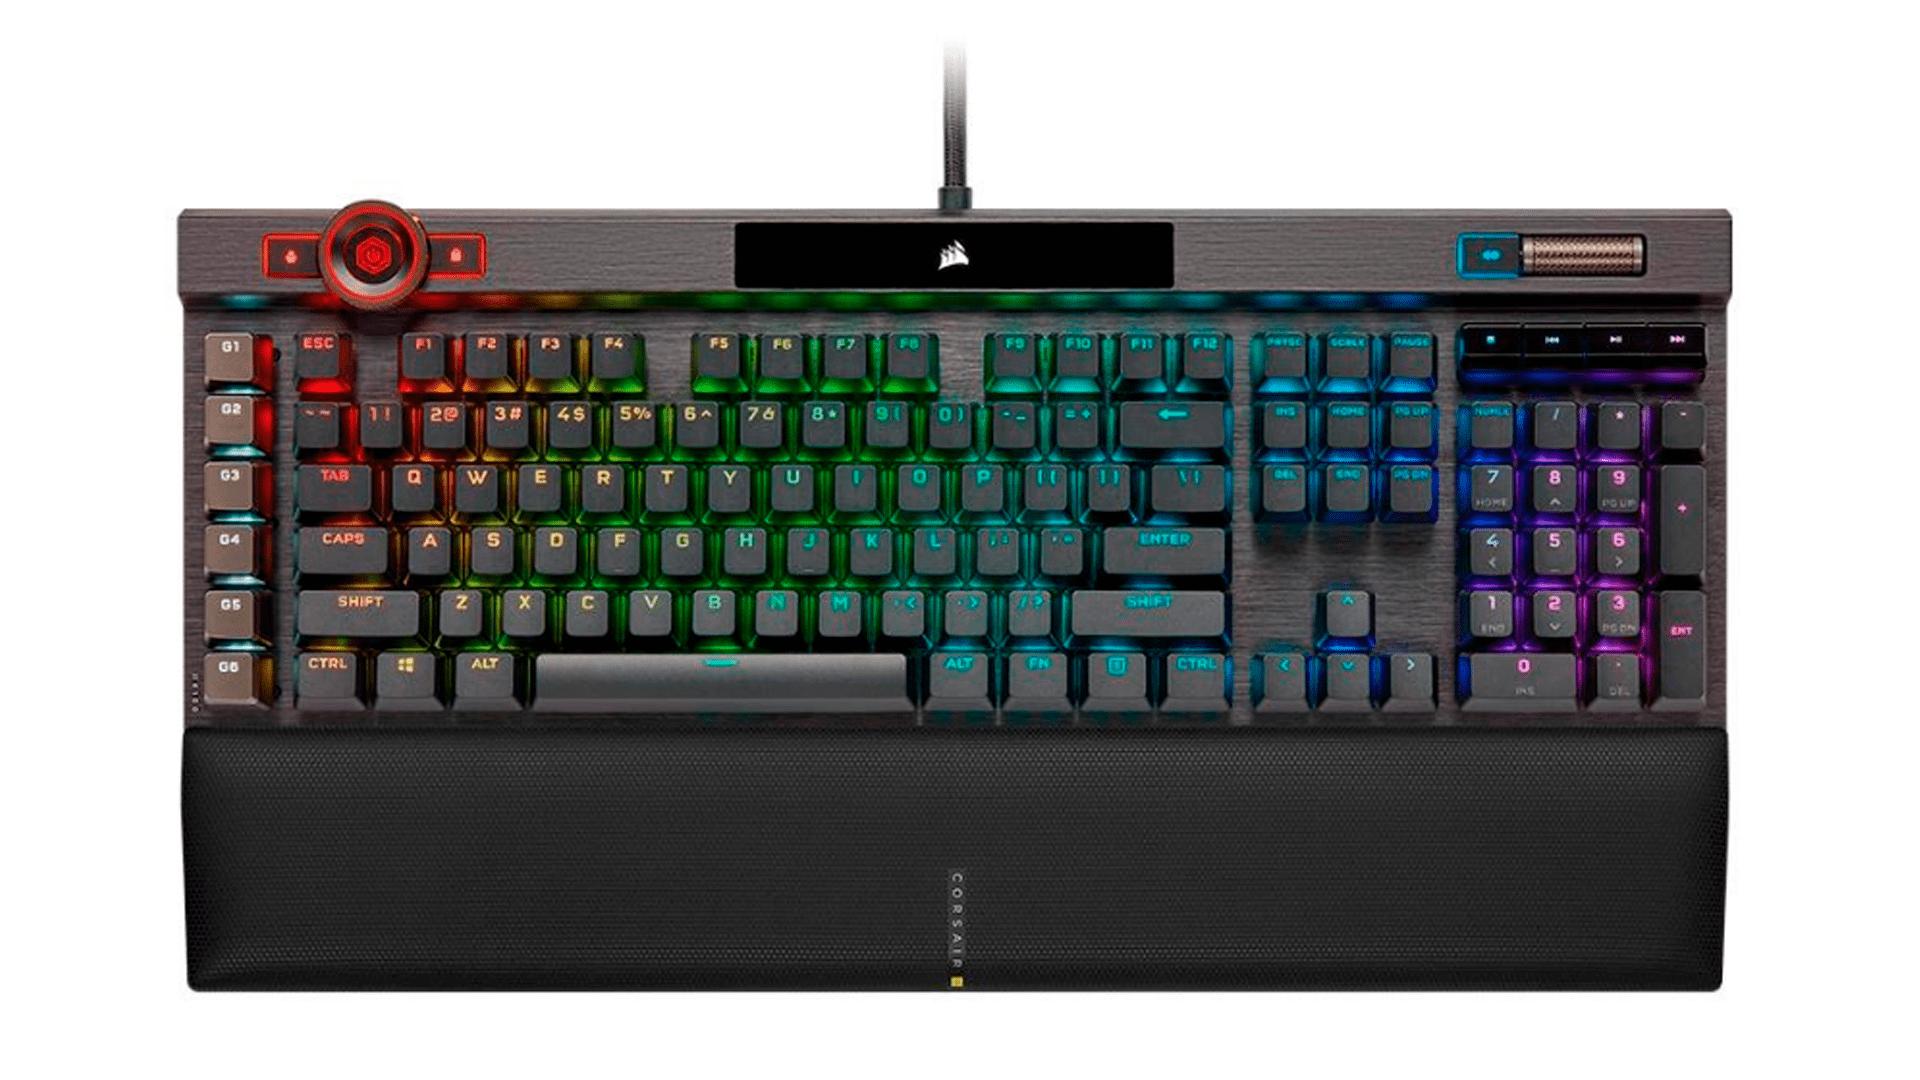 Lançamento no Brasil, o teclado Corsair K100 Optical RGB (Ch-912A014-Na) chama atenção (Foto: Divulgação/Corsair)